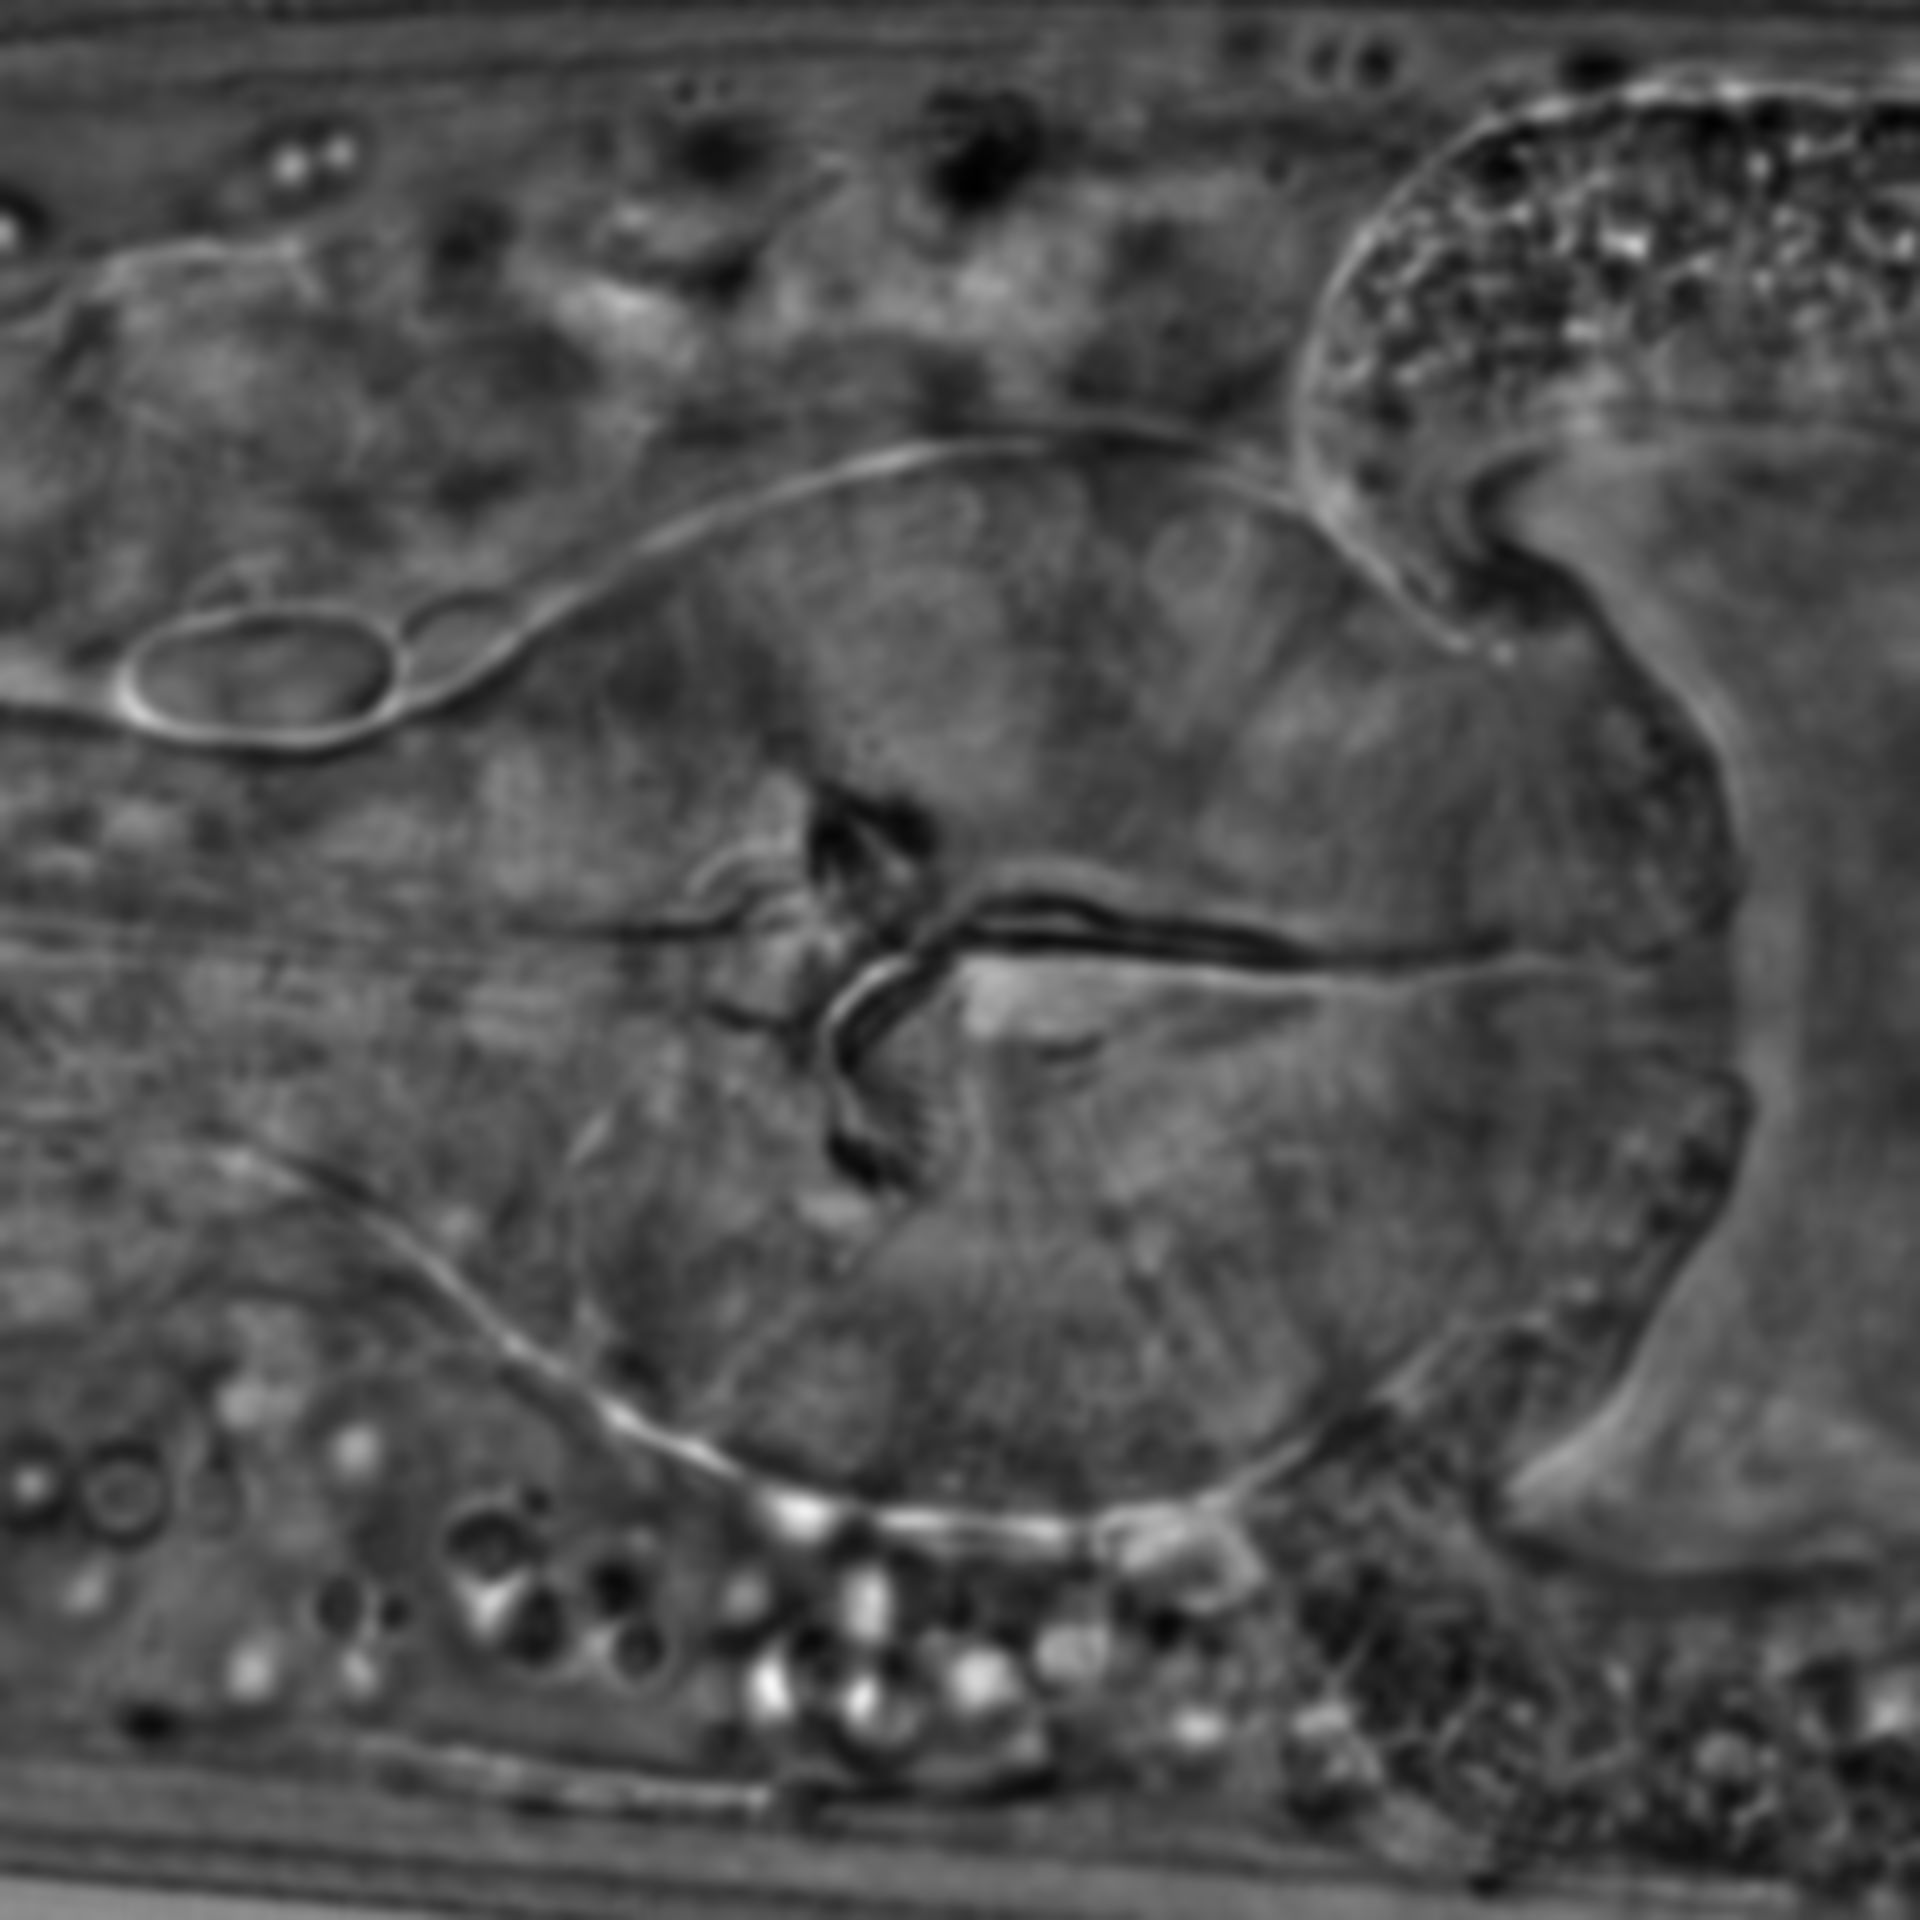 Caenorhabditis elegans - CIL:1623